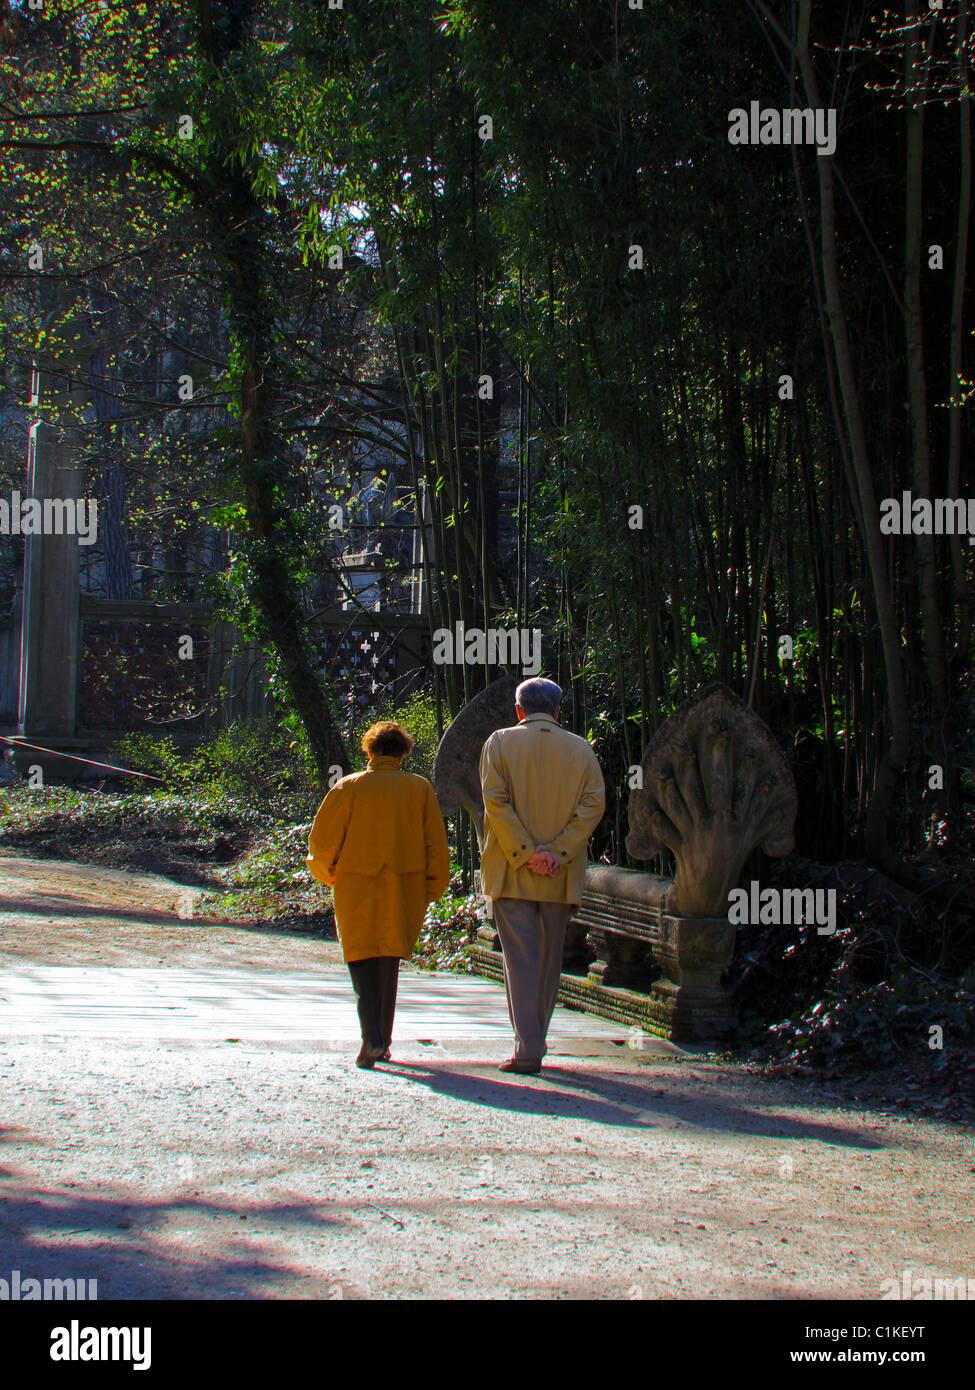 Paris, France, Senior Couple Promenading in Woods Park, 'Bois de Vincennes', Springtime, Walking Away, adult - Stock Image